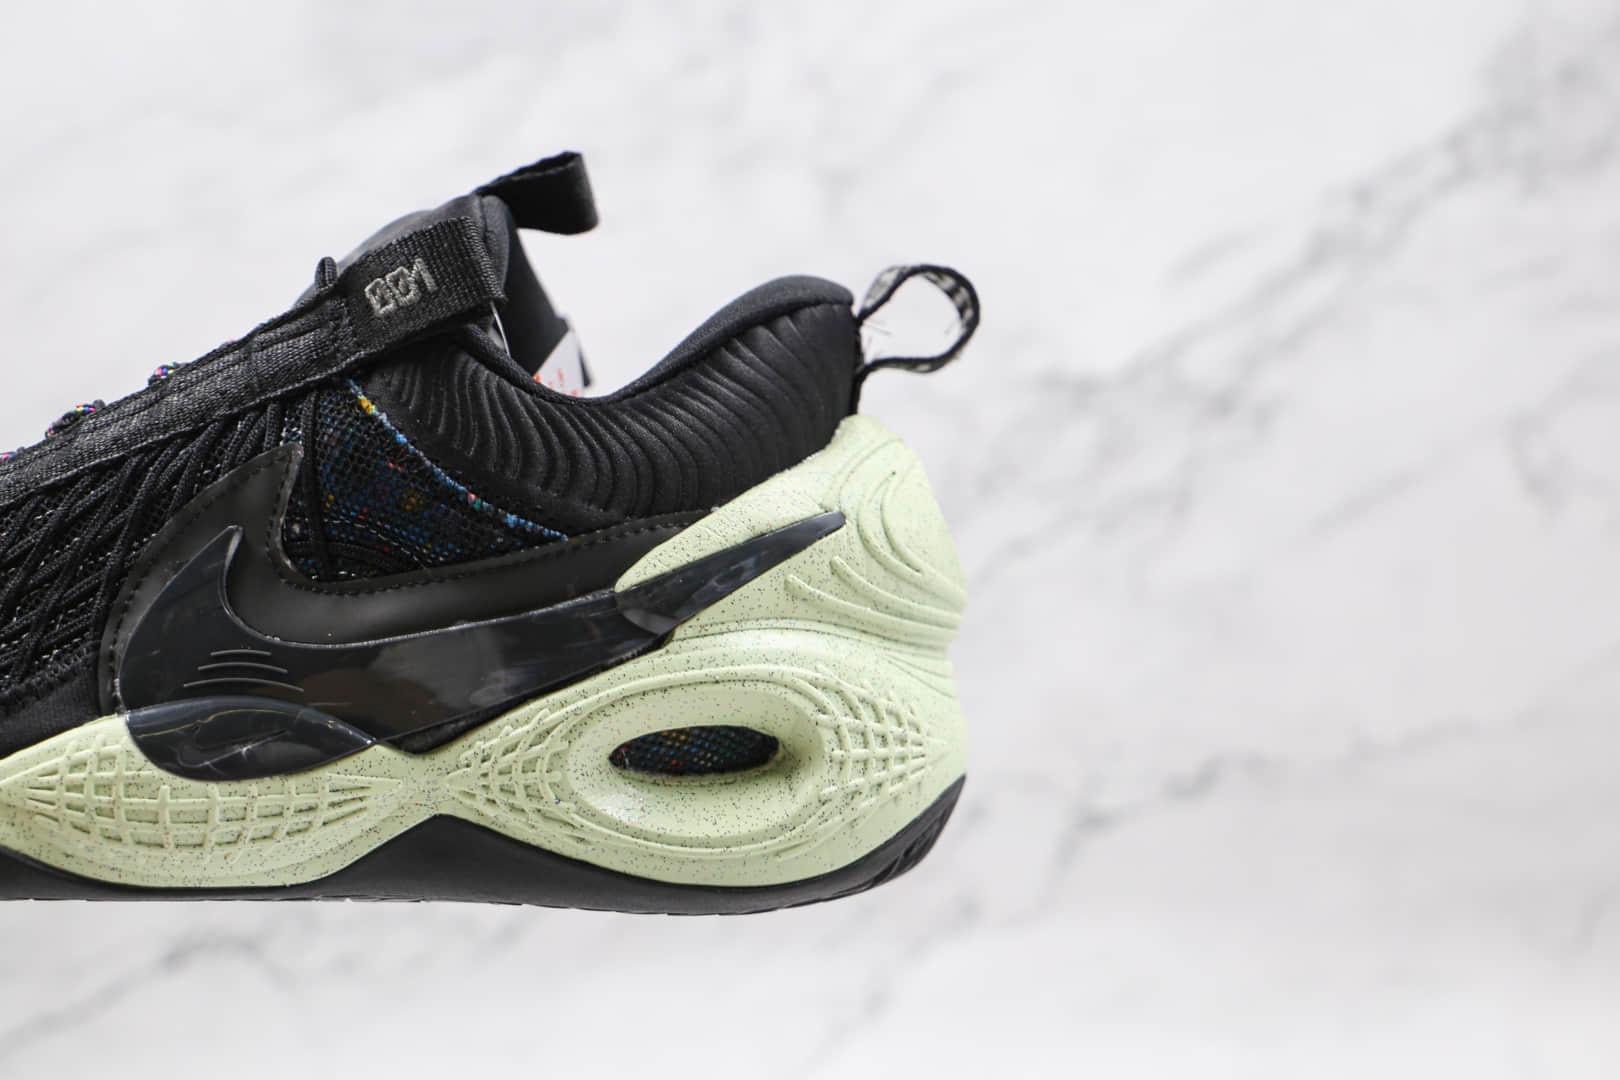 耐克NIKE Cosmic Unity EP纯原版本环保材料黑色实战篮球鞋原鞋开模一比一打造 货号:DD2737-001